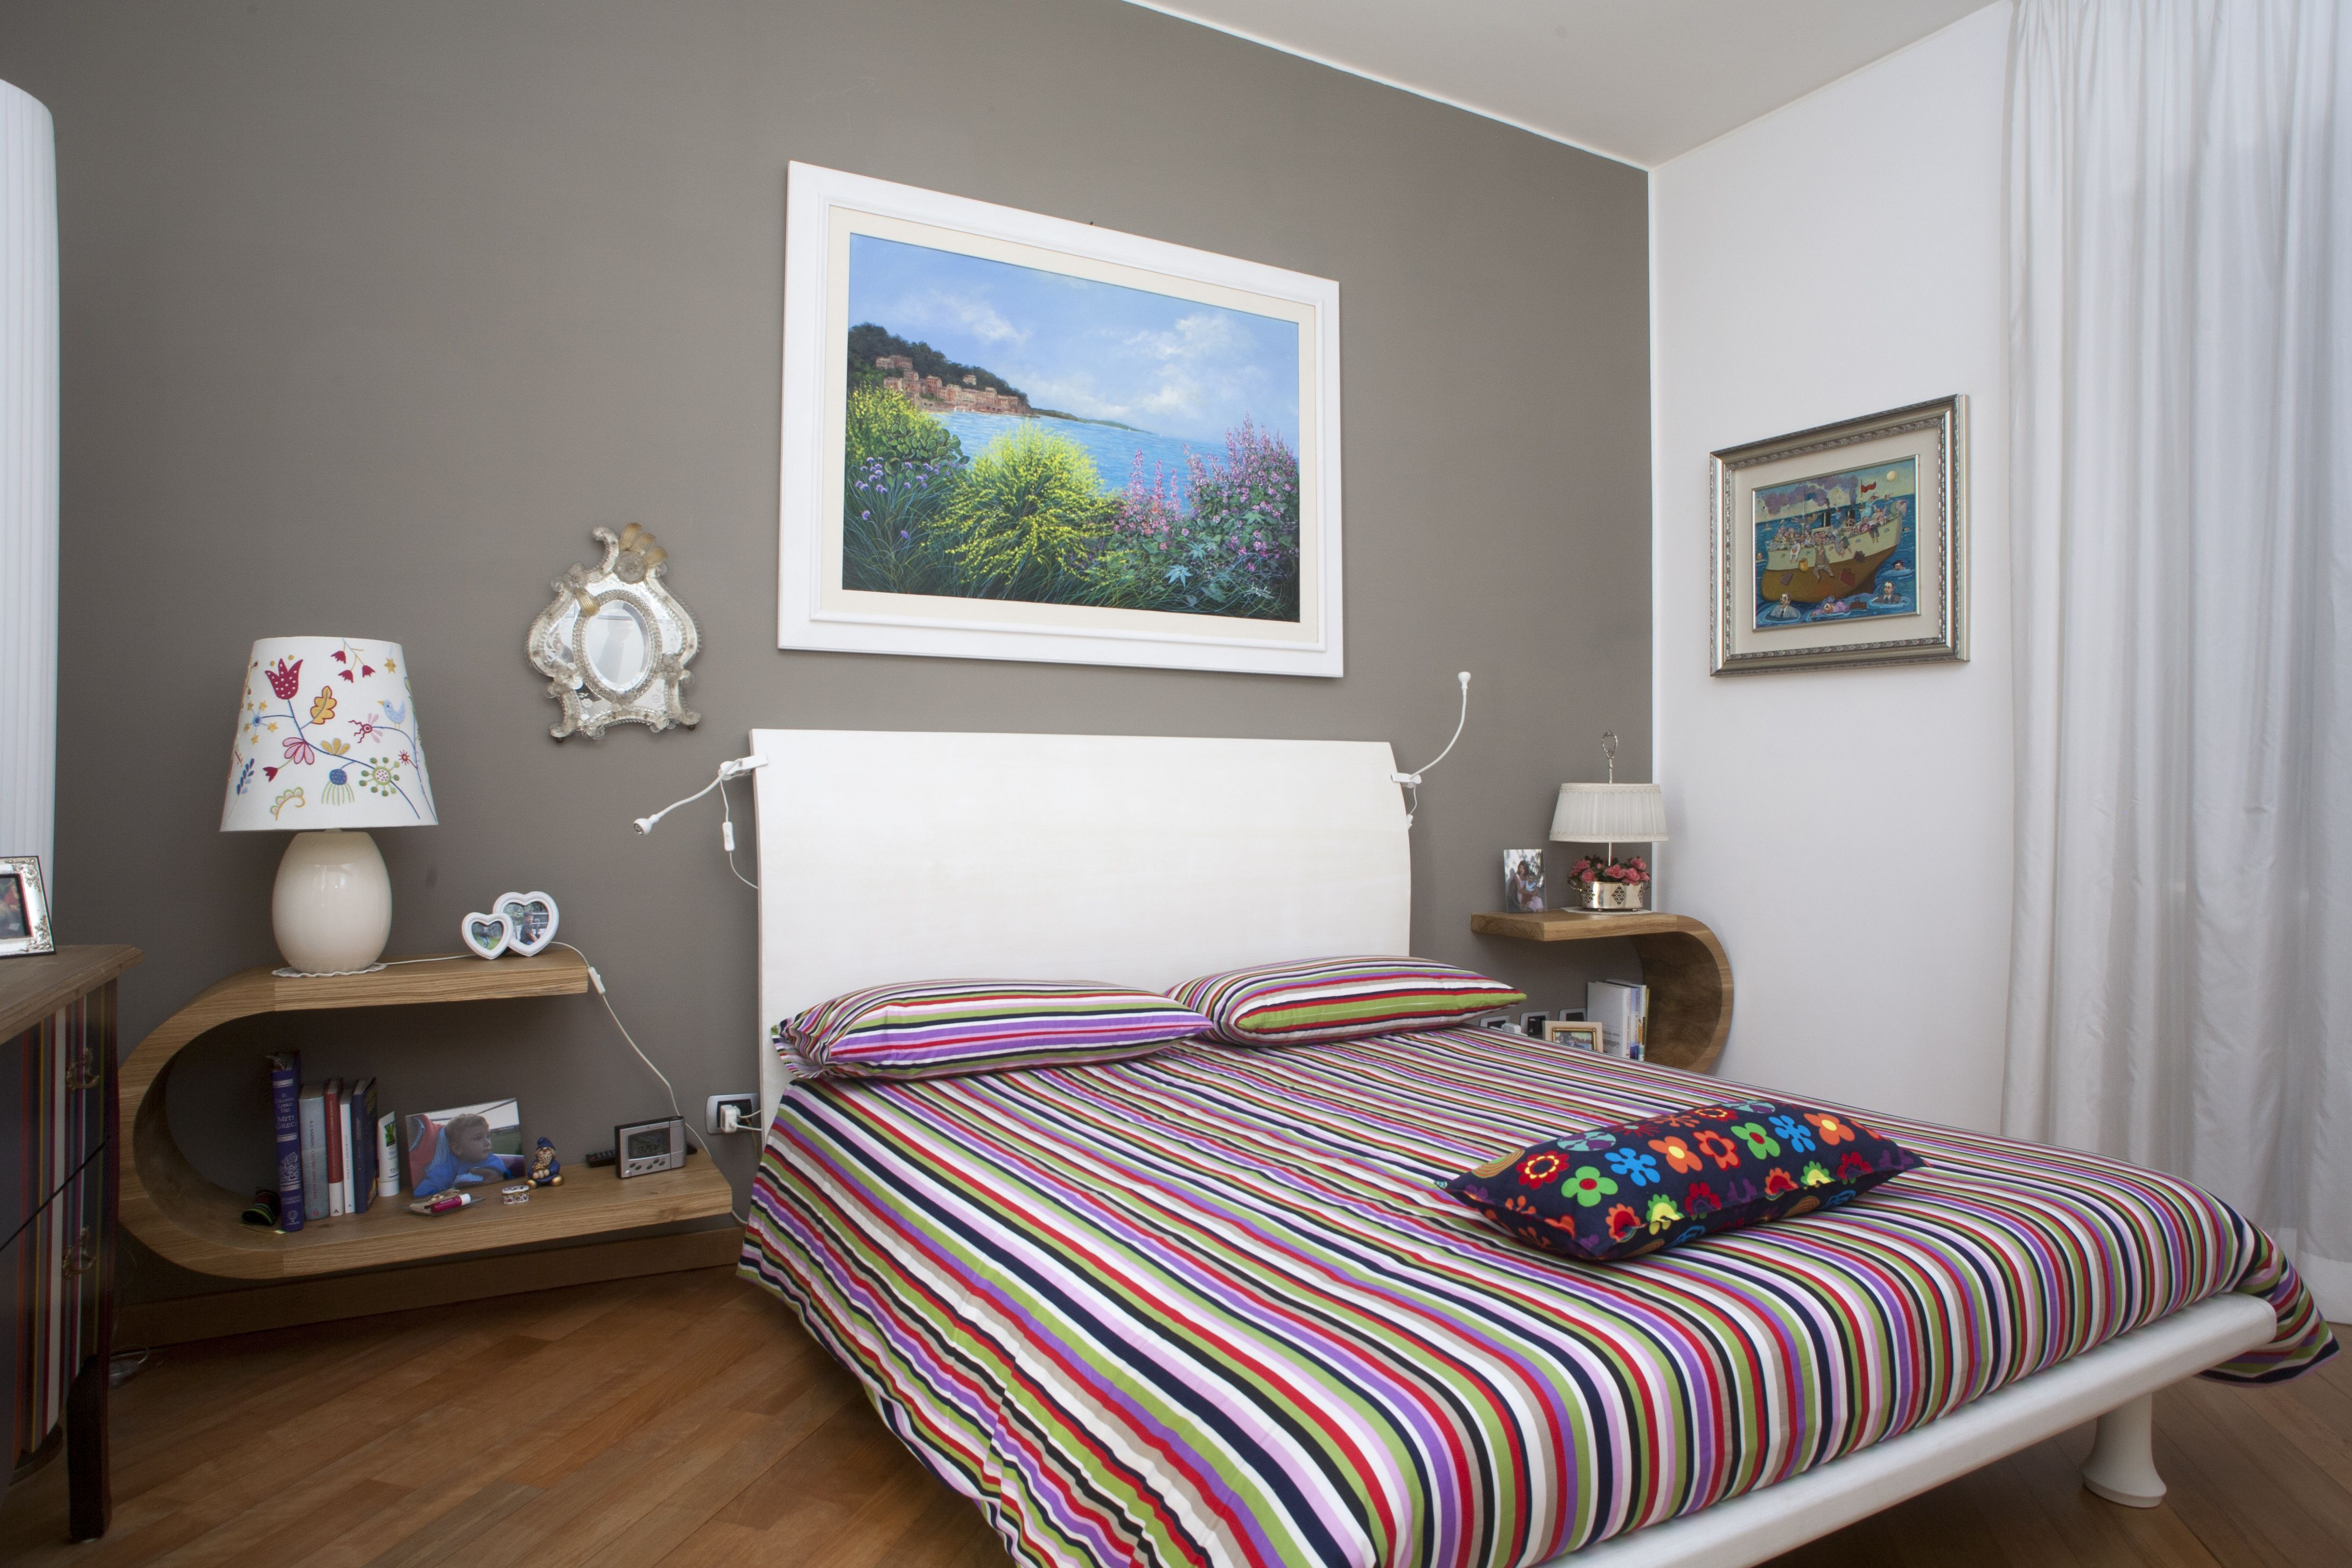 legnoeoltre.altervista.org camera da letto su misura in rovere ... - Camera Da Letto Su Misura